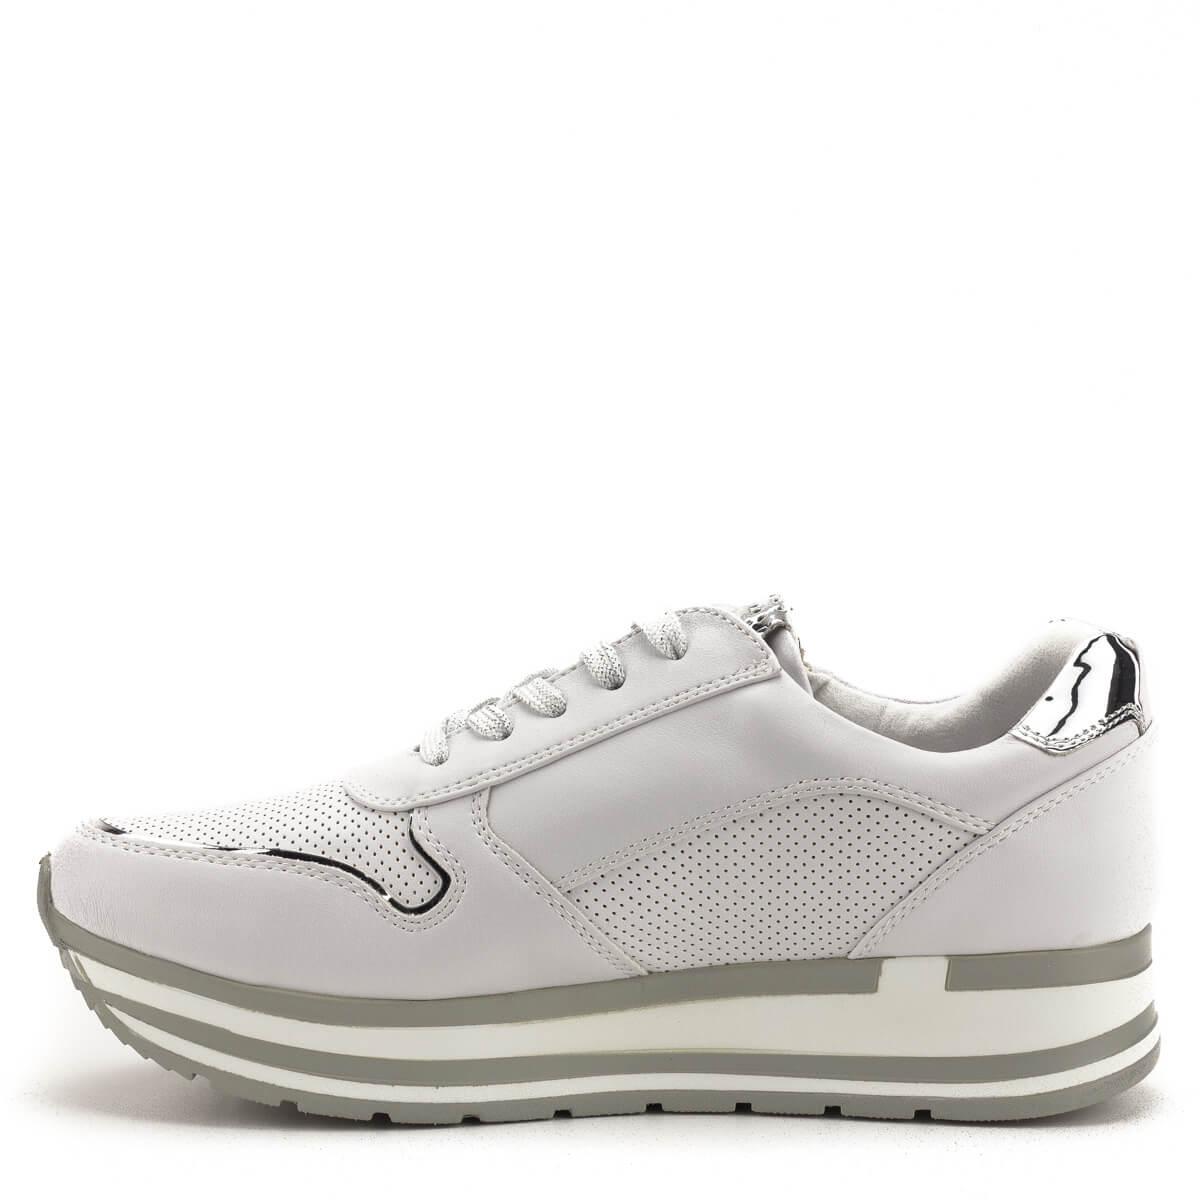 ... Fehér Marco Tozzi cipő puha memóriahabos talpbetéttel. A talpbetét a  cipőből kivehető ee8d26b2a8